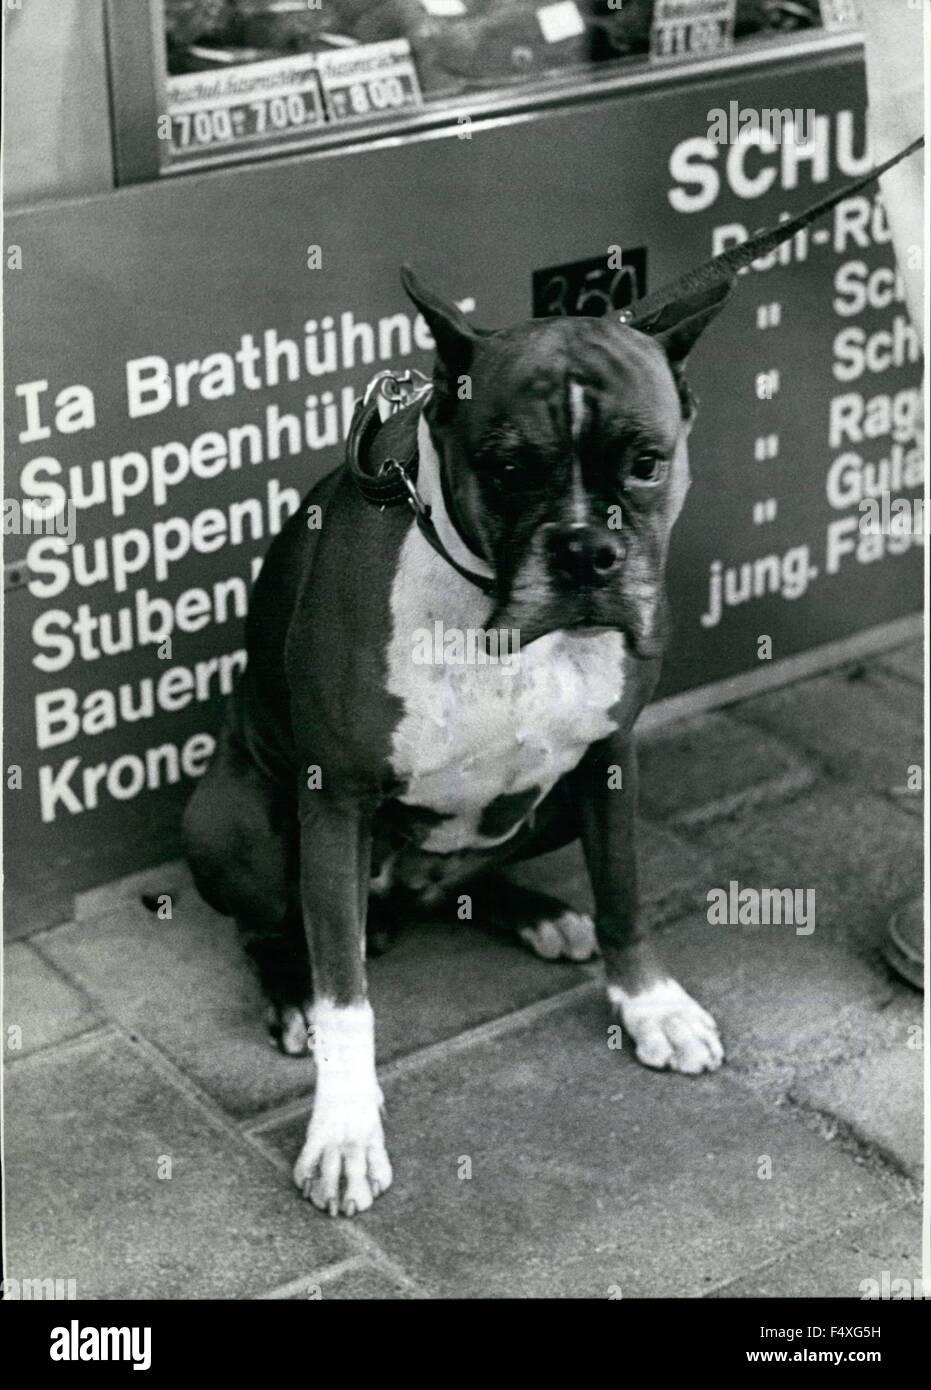 1968 - ''Io Sono un povero cane pensa? Che non è giusto! Alle spalle di miniera, vi sono annunciati Immagini Stock